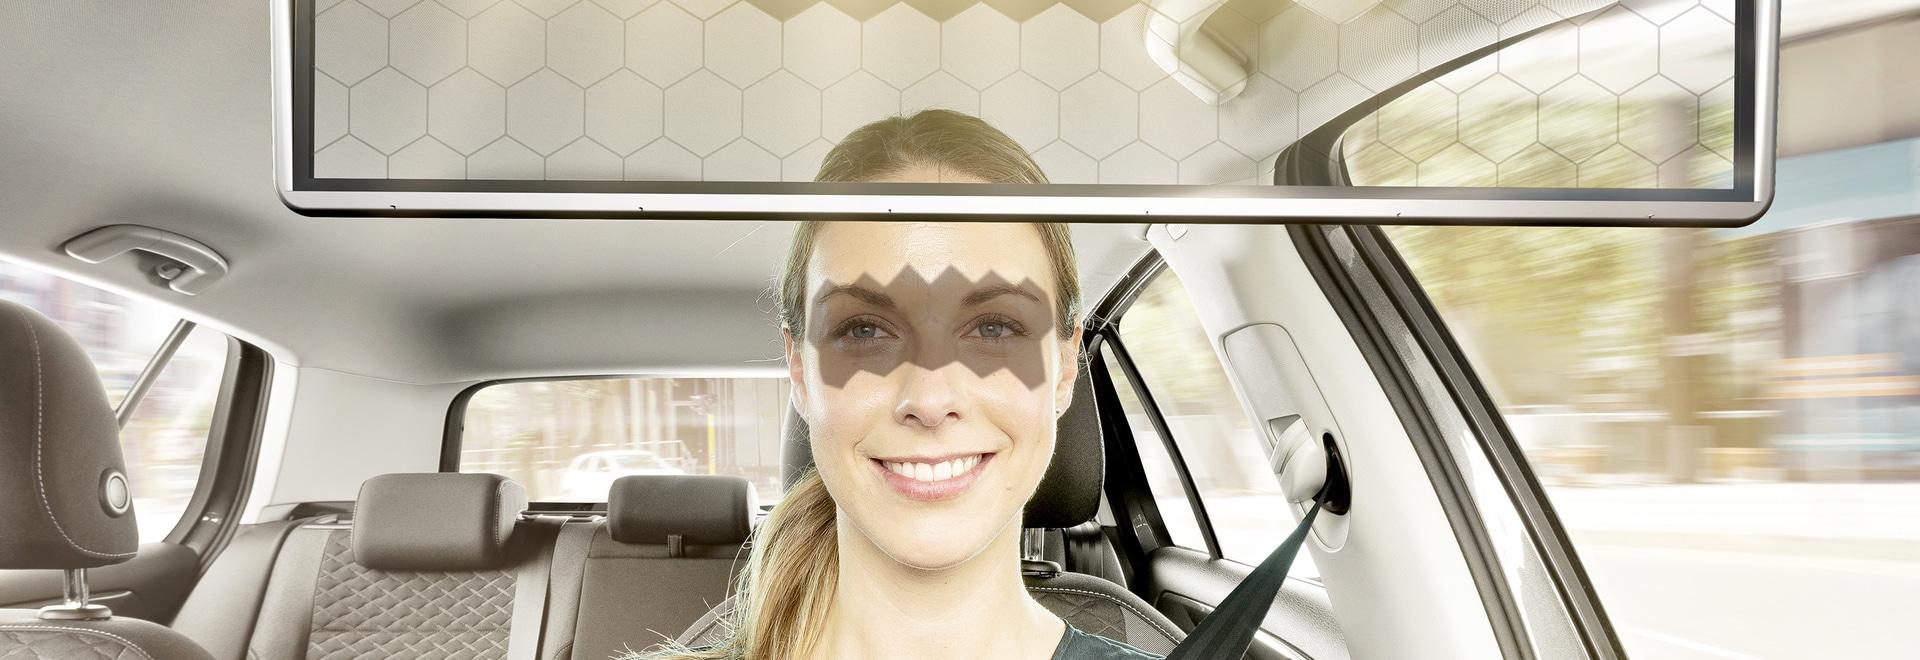 El visor virtual de Bosch bloquea dinámicamente el sol de tus ojos